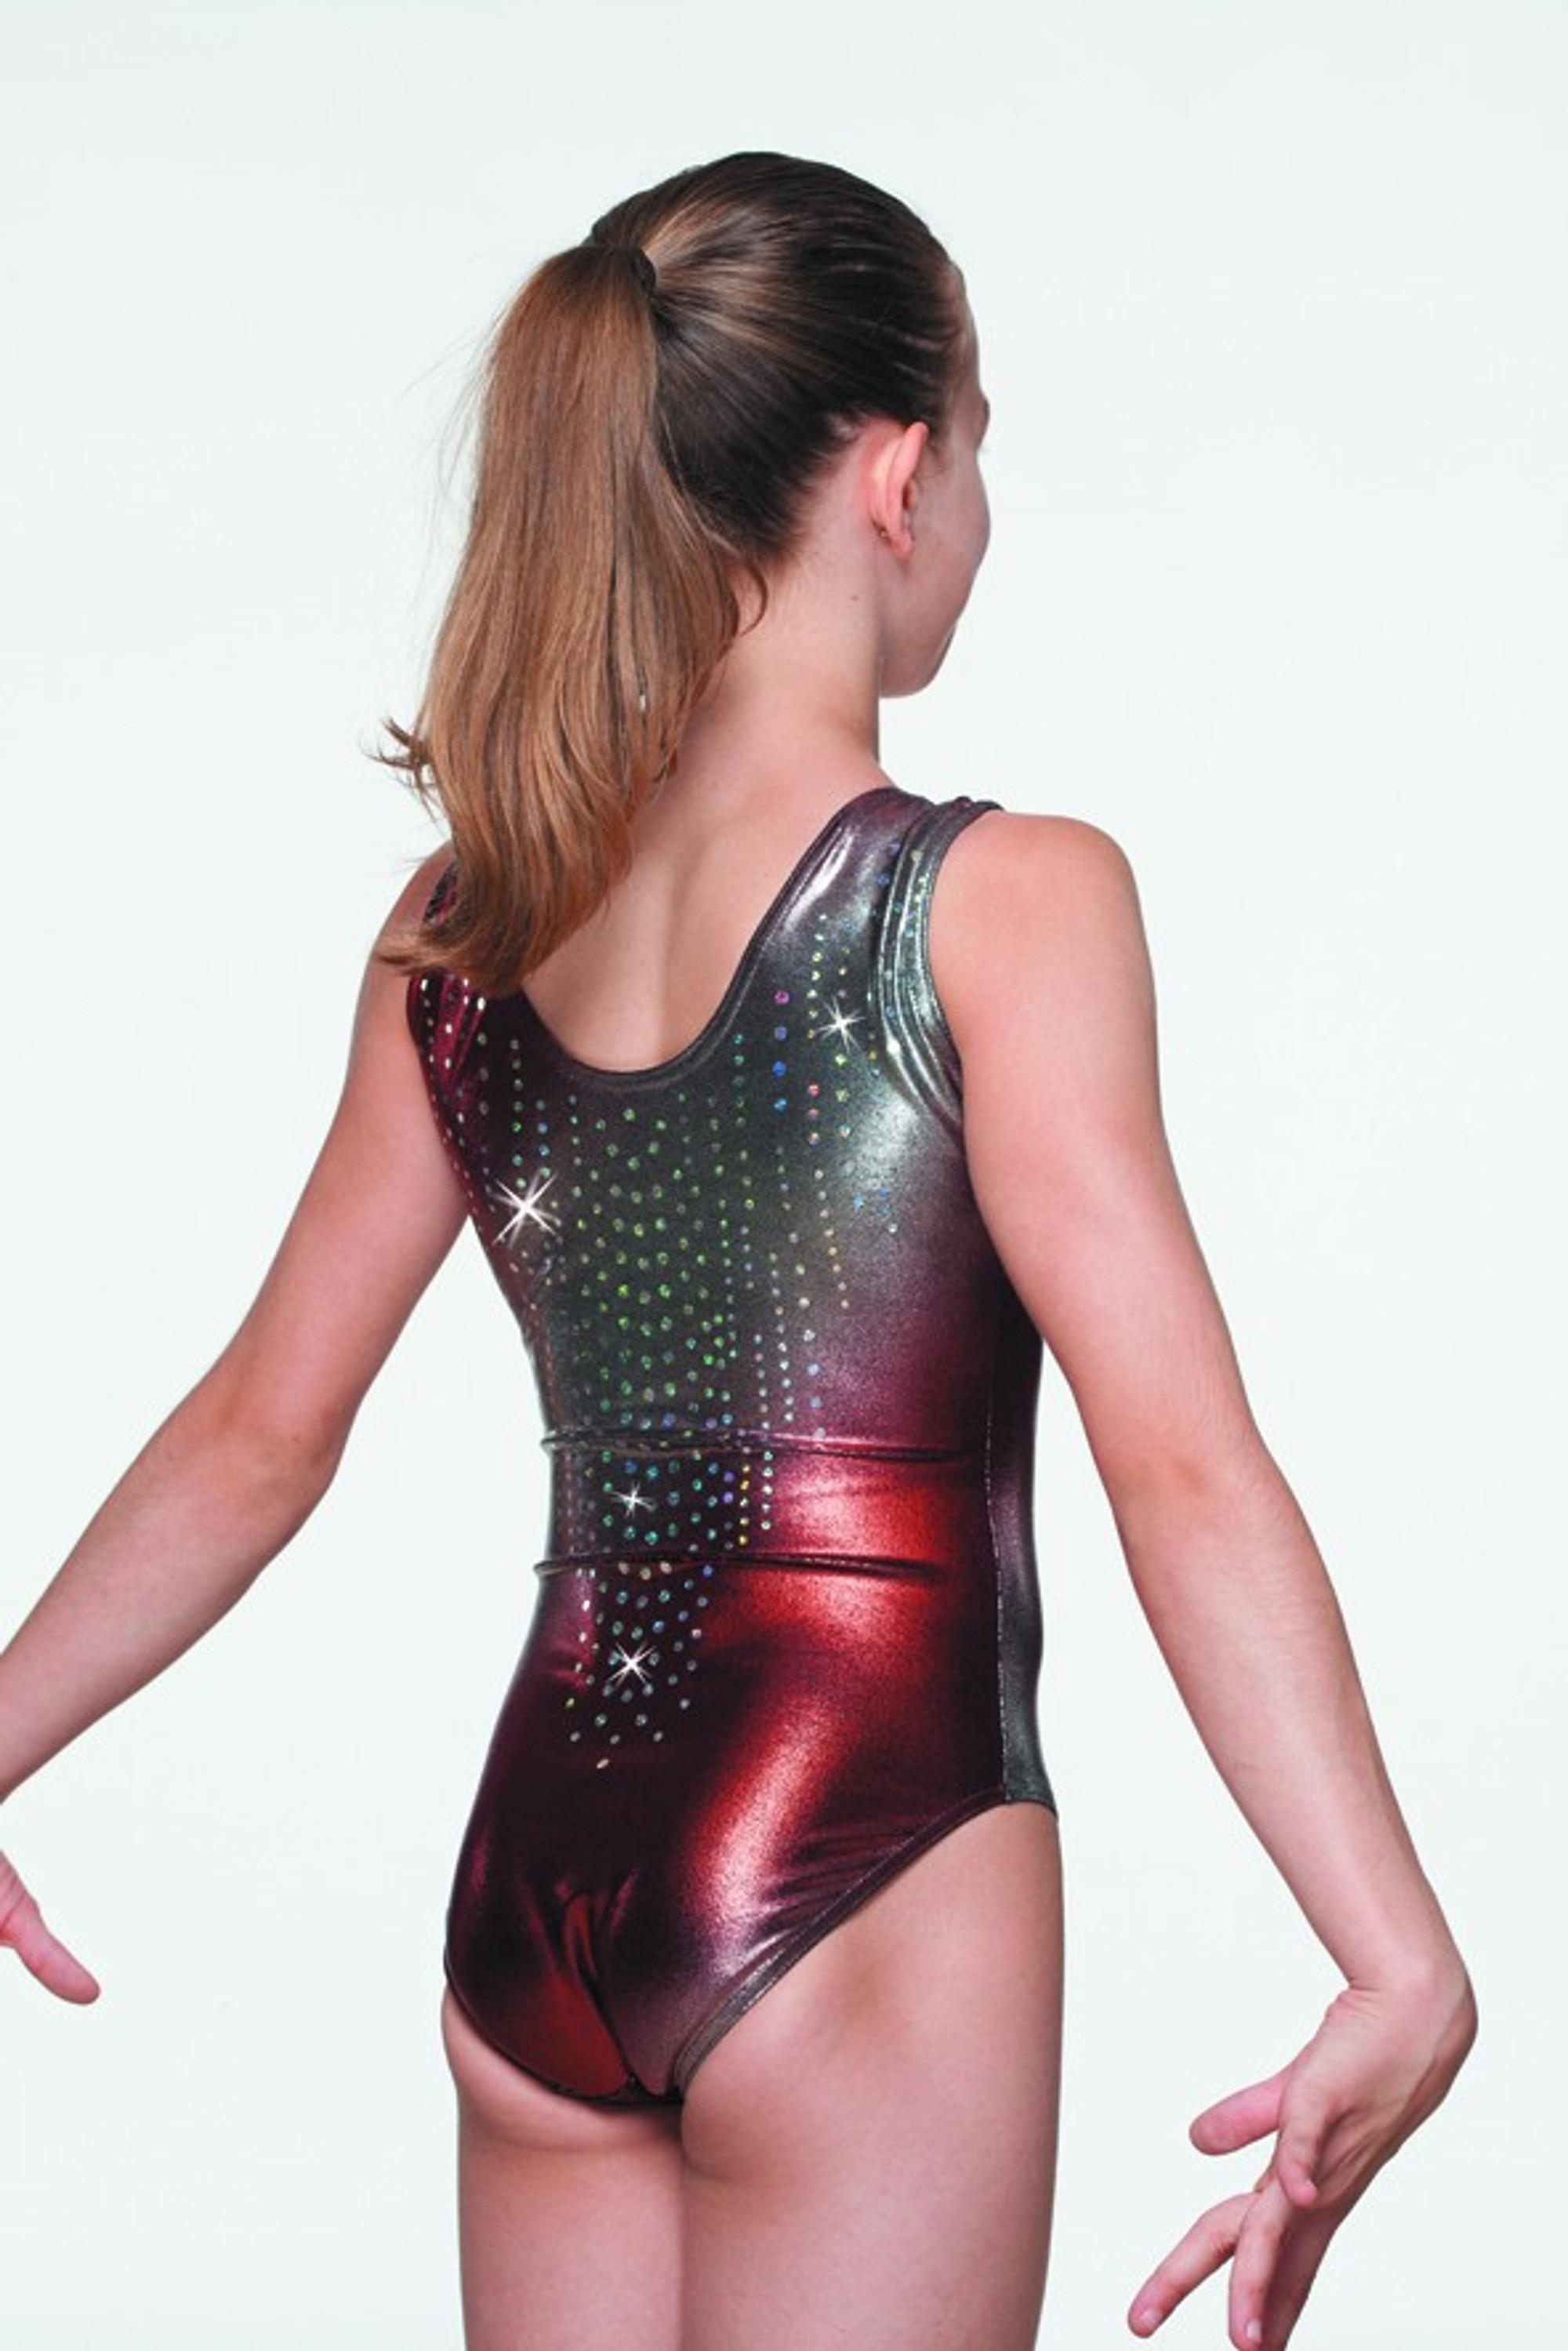 Turnanzug 8715 Metallic Sequin  von Agiva günstig online kaufen